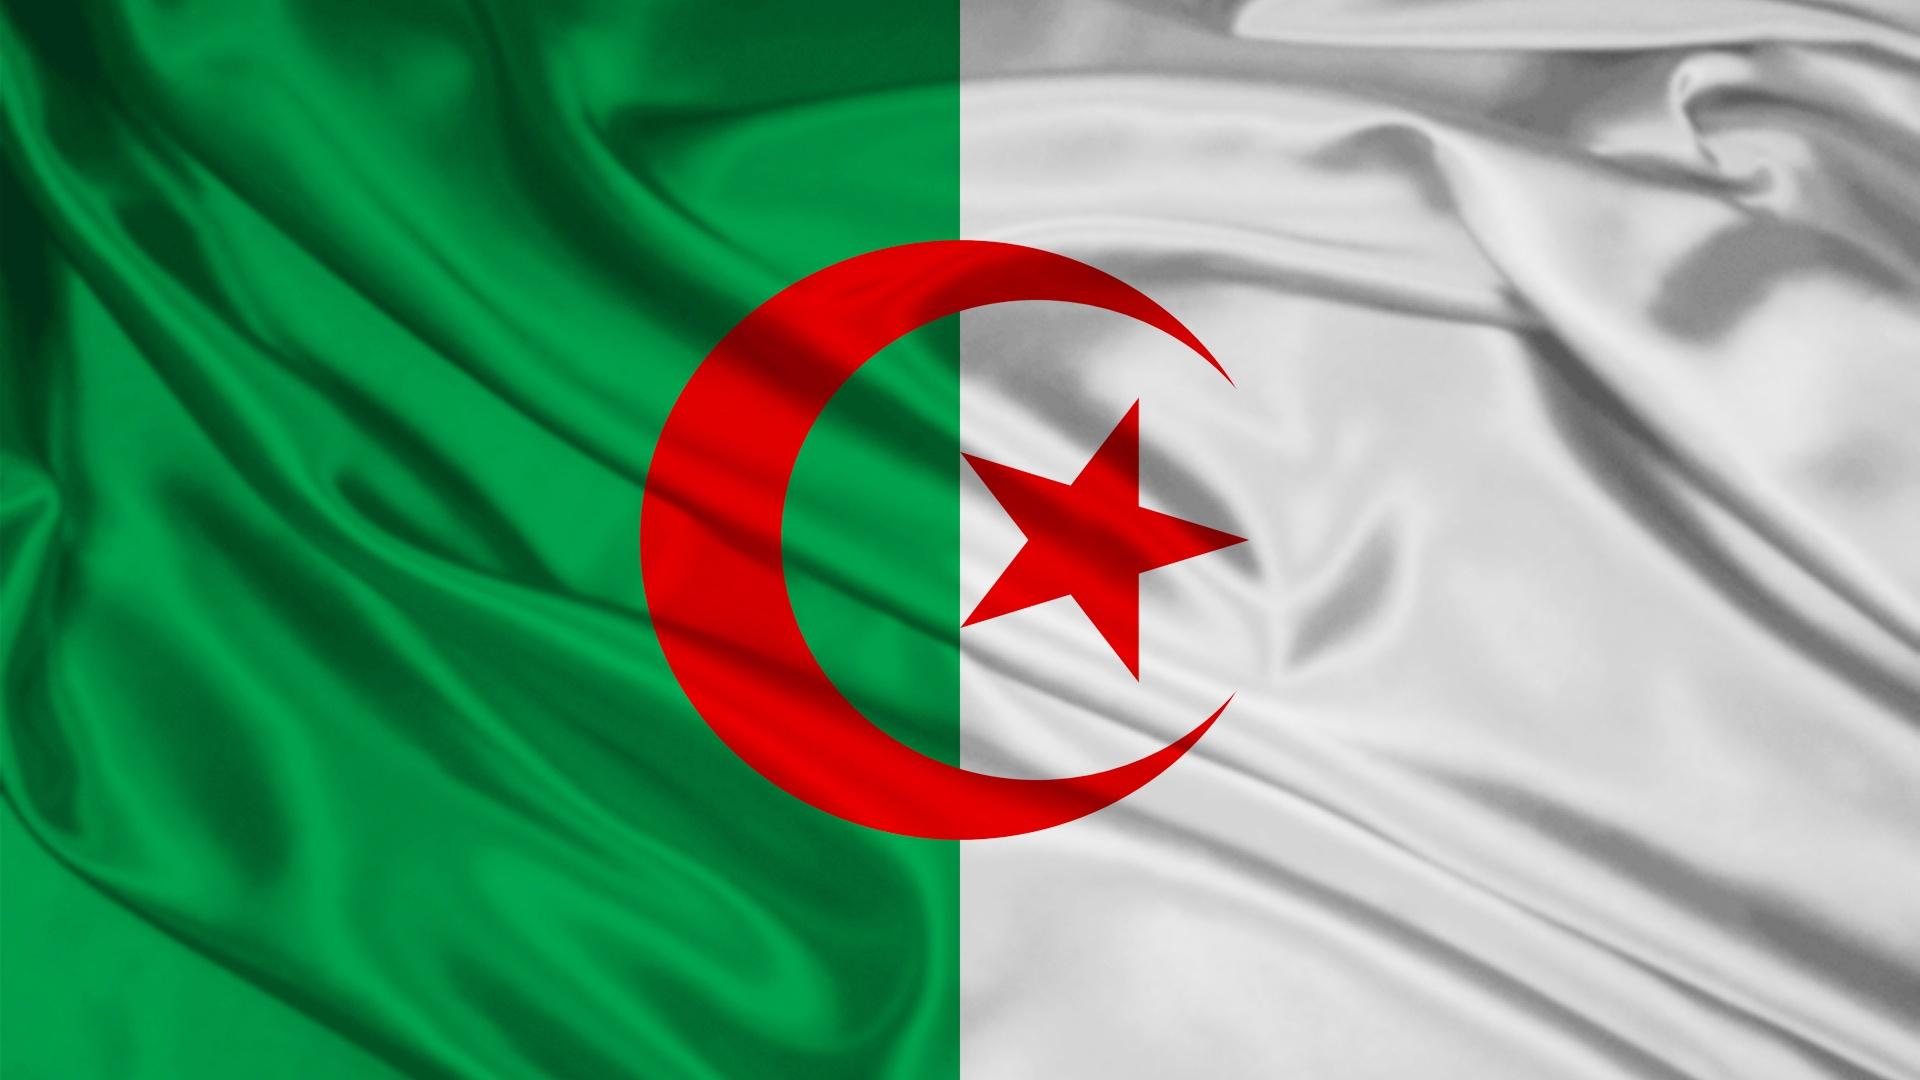 1920x1080 Algeria Flag desktop PC and Mac wallpaper 1920x1080